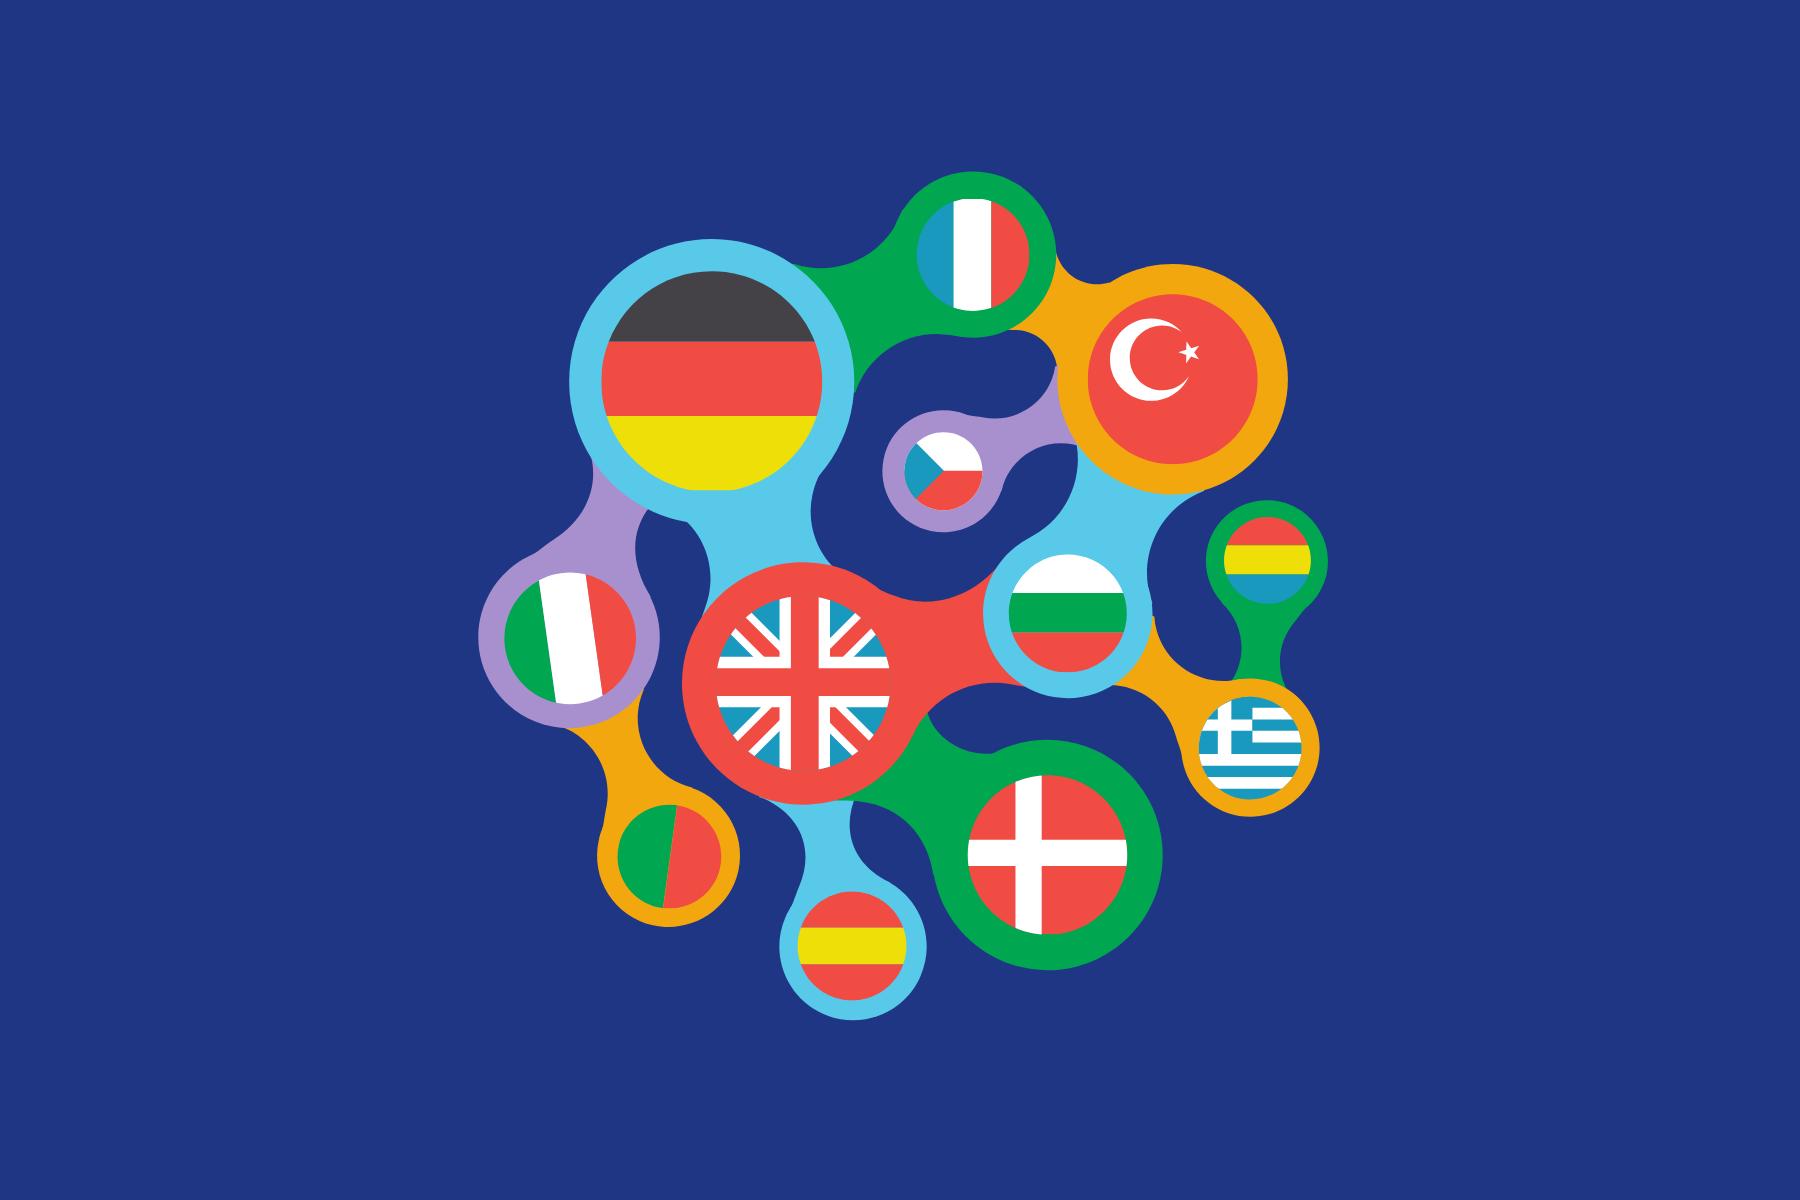 attēls, kas atspoguļo dažādu valodu saikni